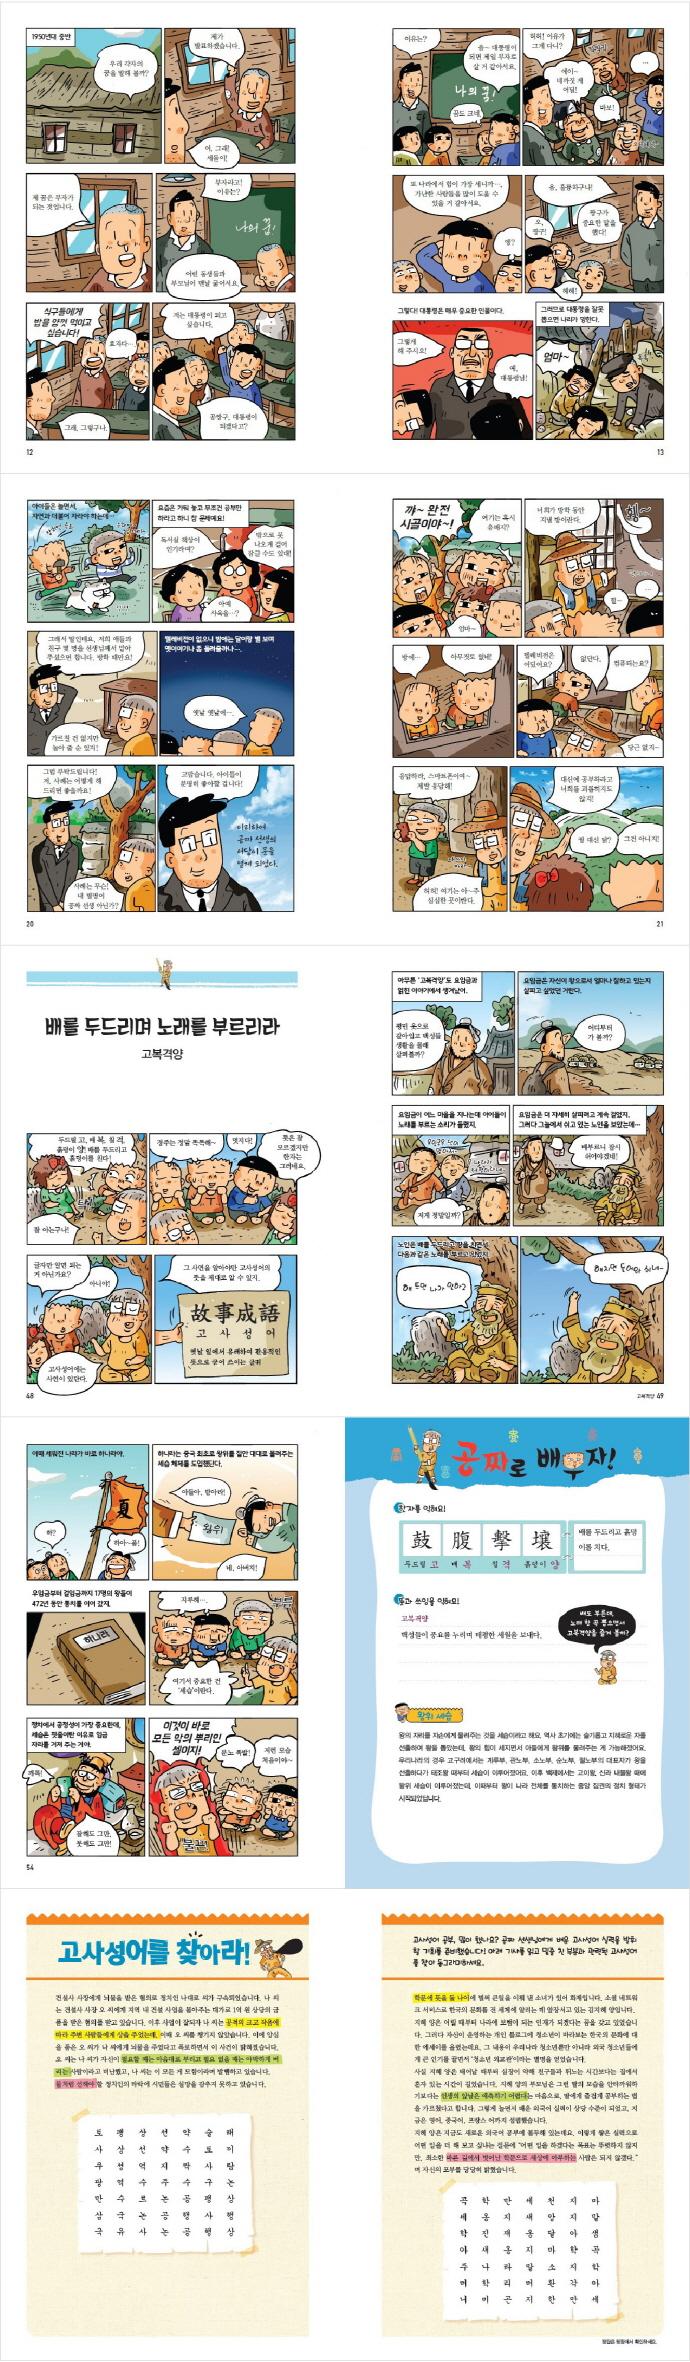 고사성어의 숨은 뜻을 찾아라 2   내가 나라를 구할 수 있다고  (길벗스쿨 어린이 지식교양 만화 도서 상세이미지